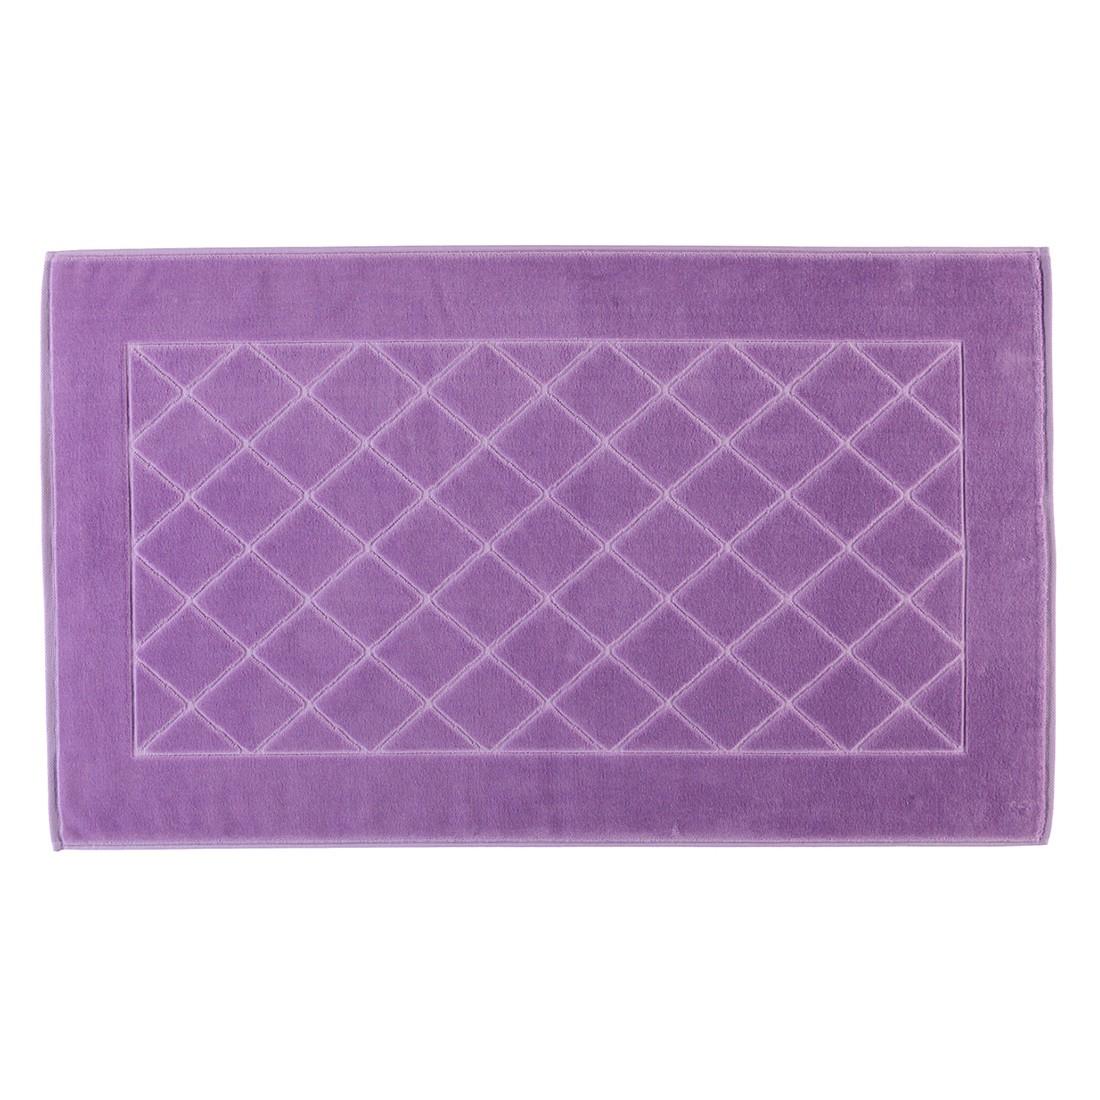 Badteppiche Dreams – Baumwolle – Dark Lilac – 67×120 cm, Vossen günstig kaufen